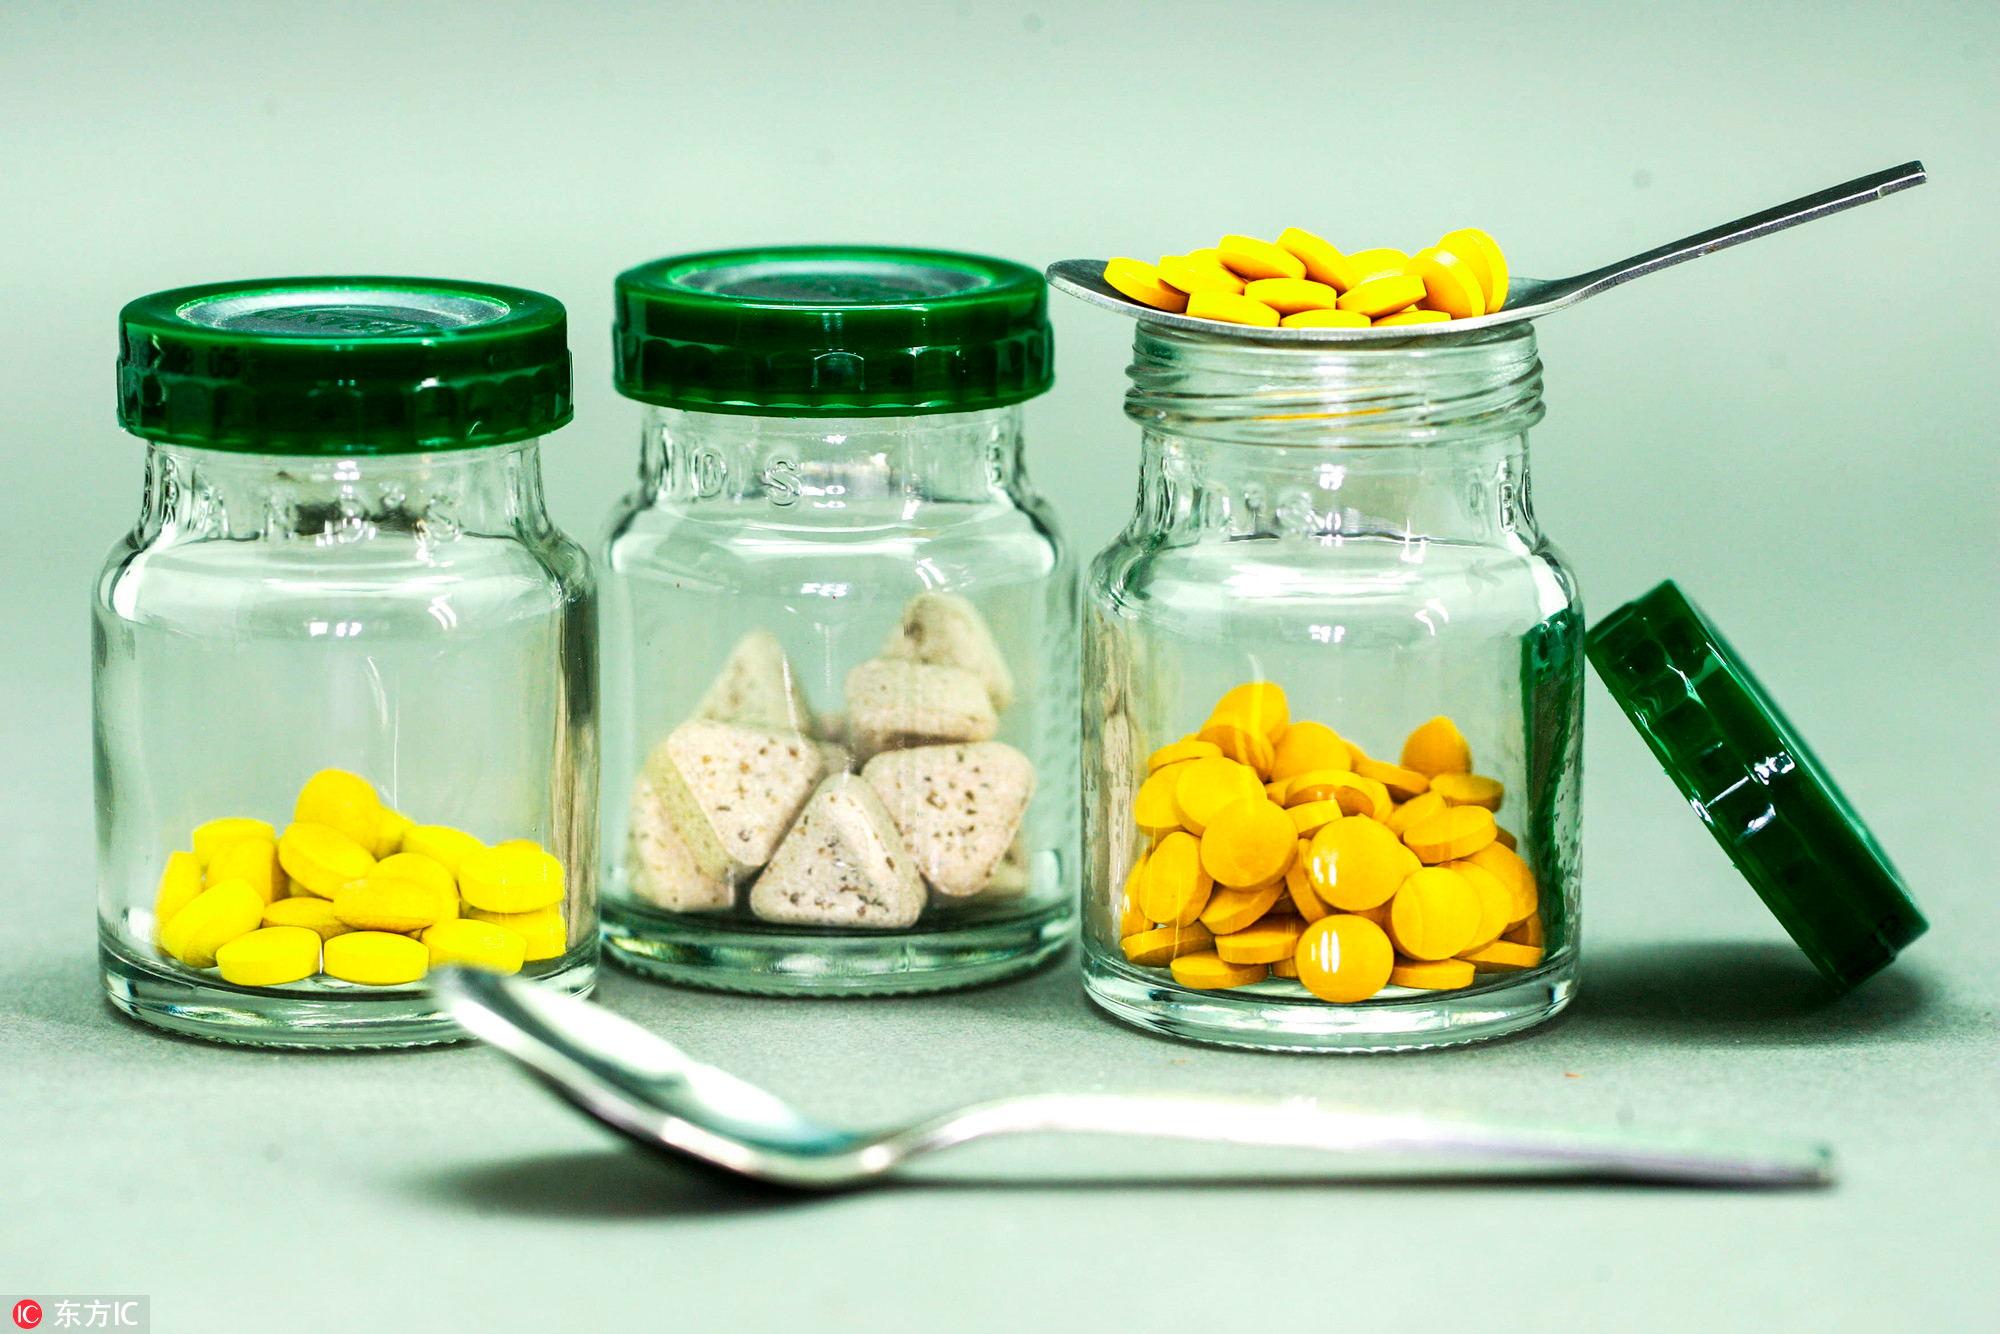 2019Q1财报:从外资药企大放异彩看国内医药市场的趋势